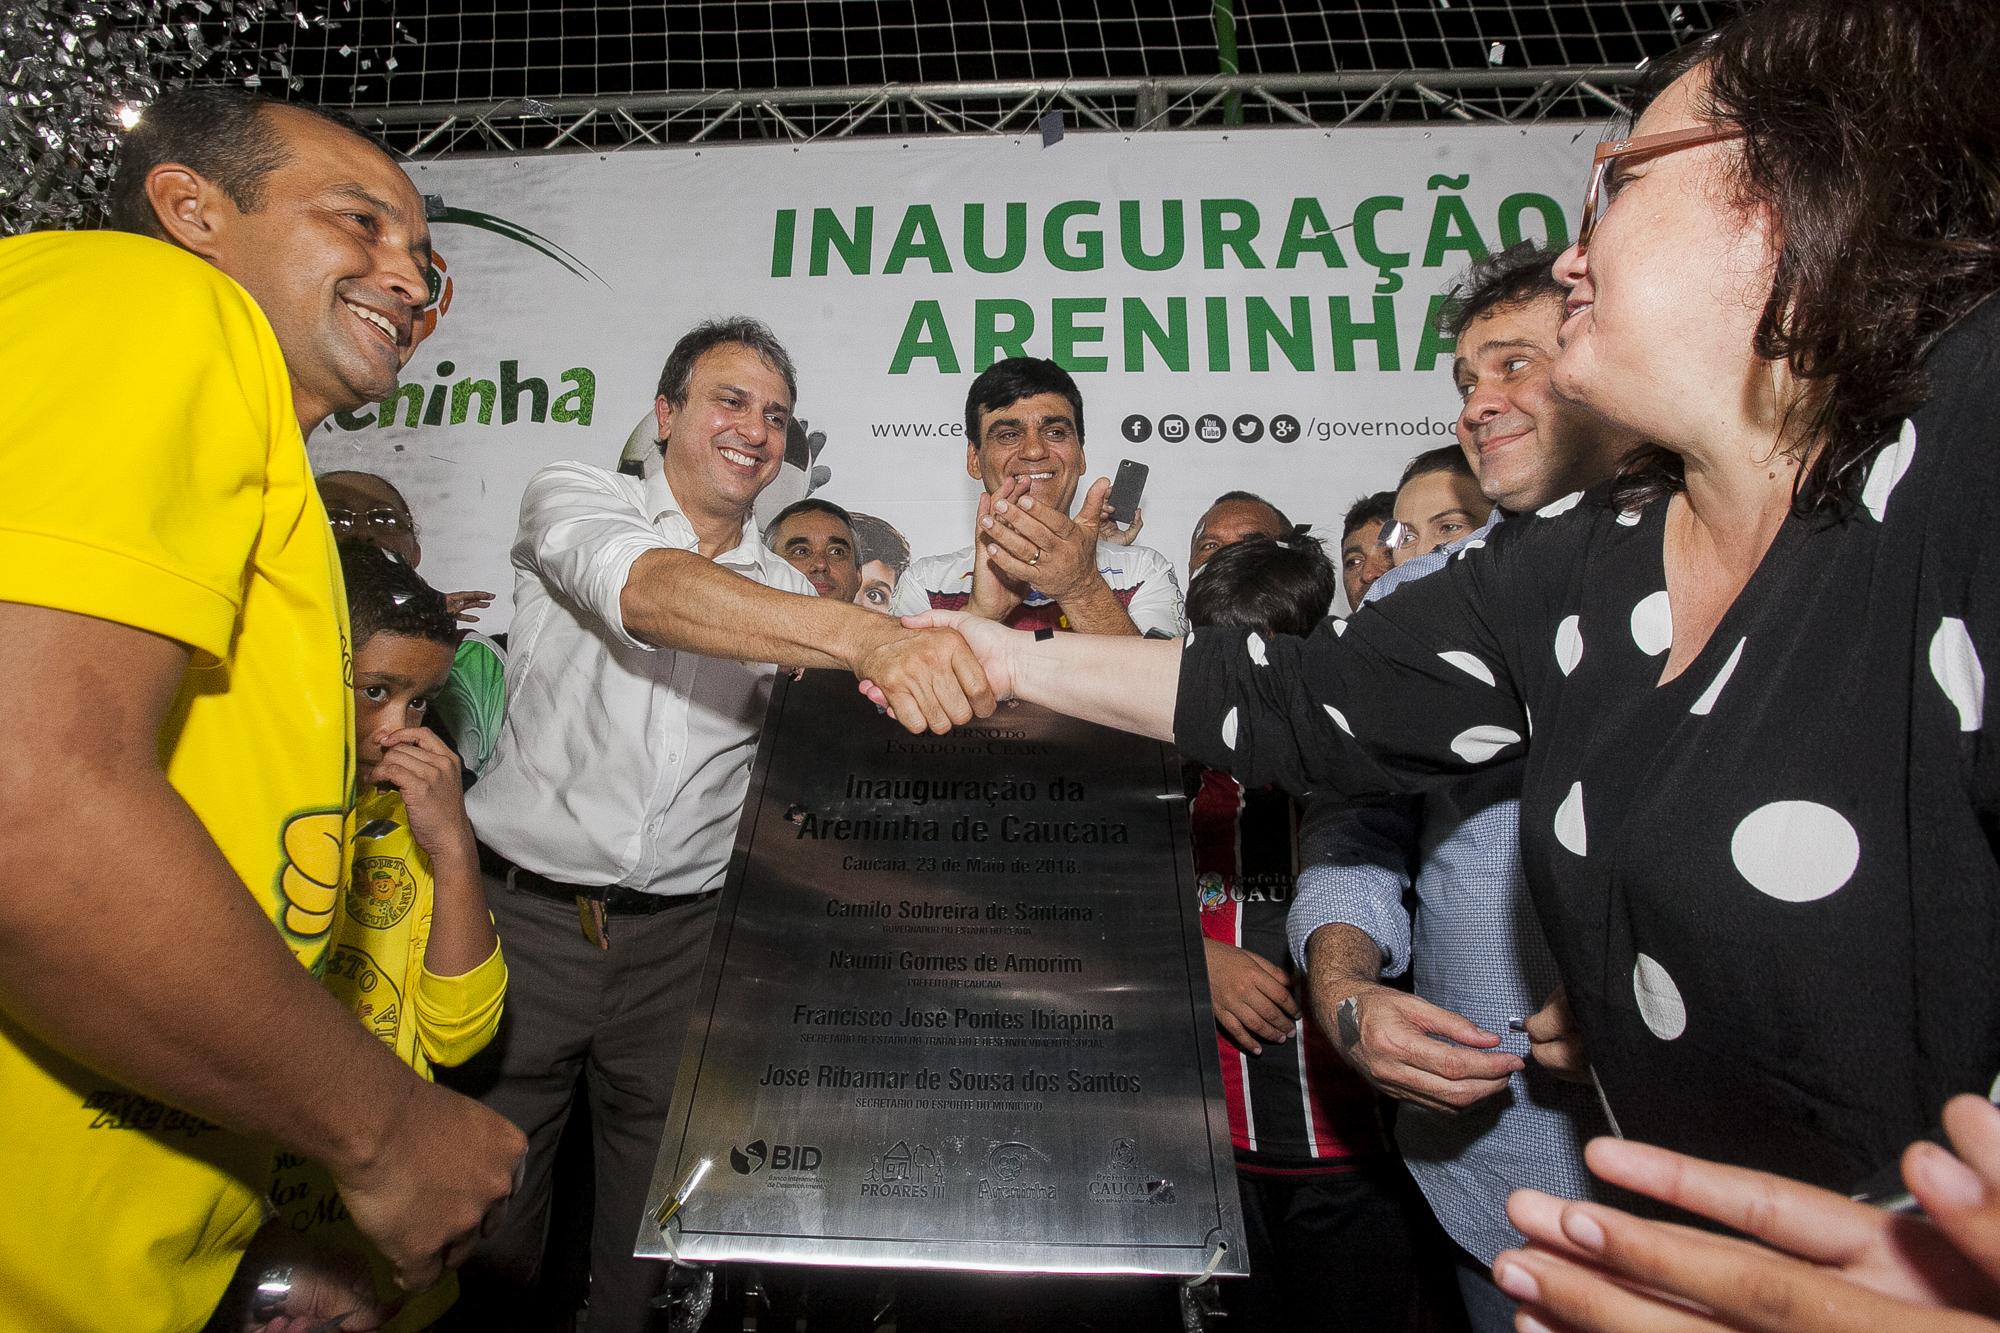 Inaugurada a Areninha de Caucaia